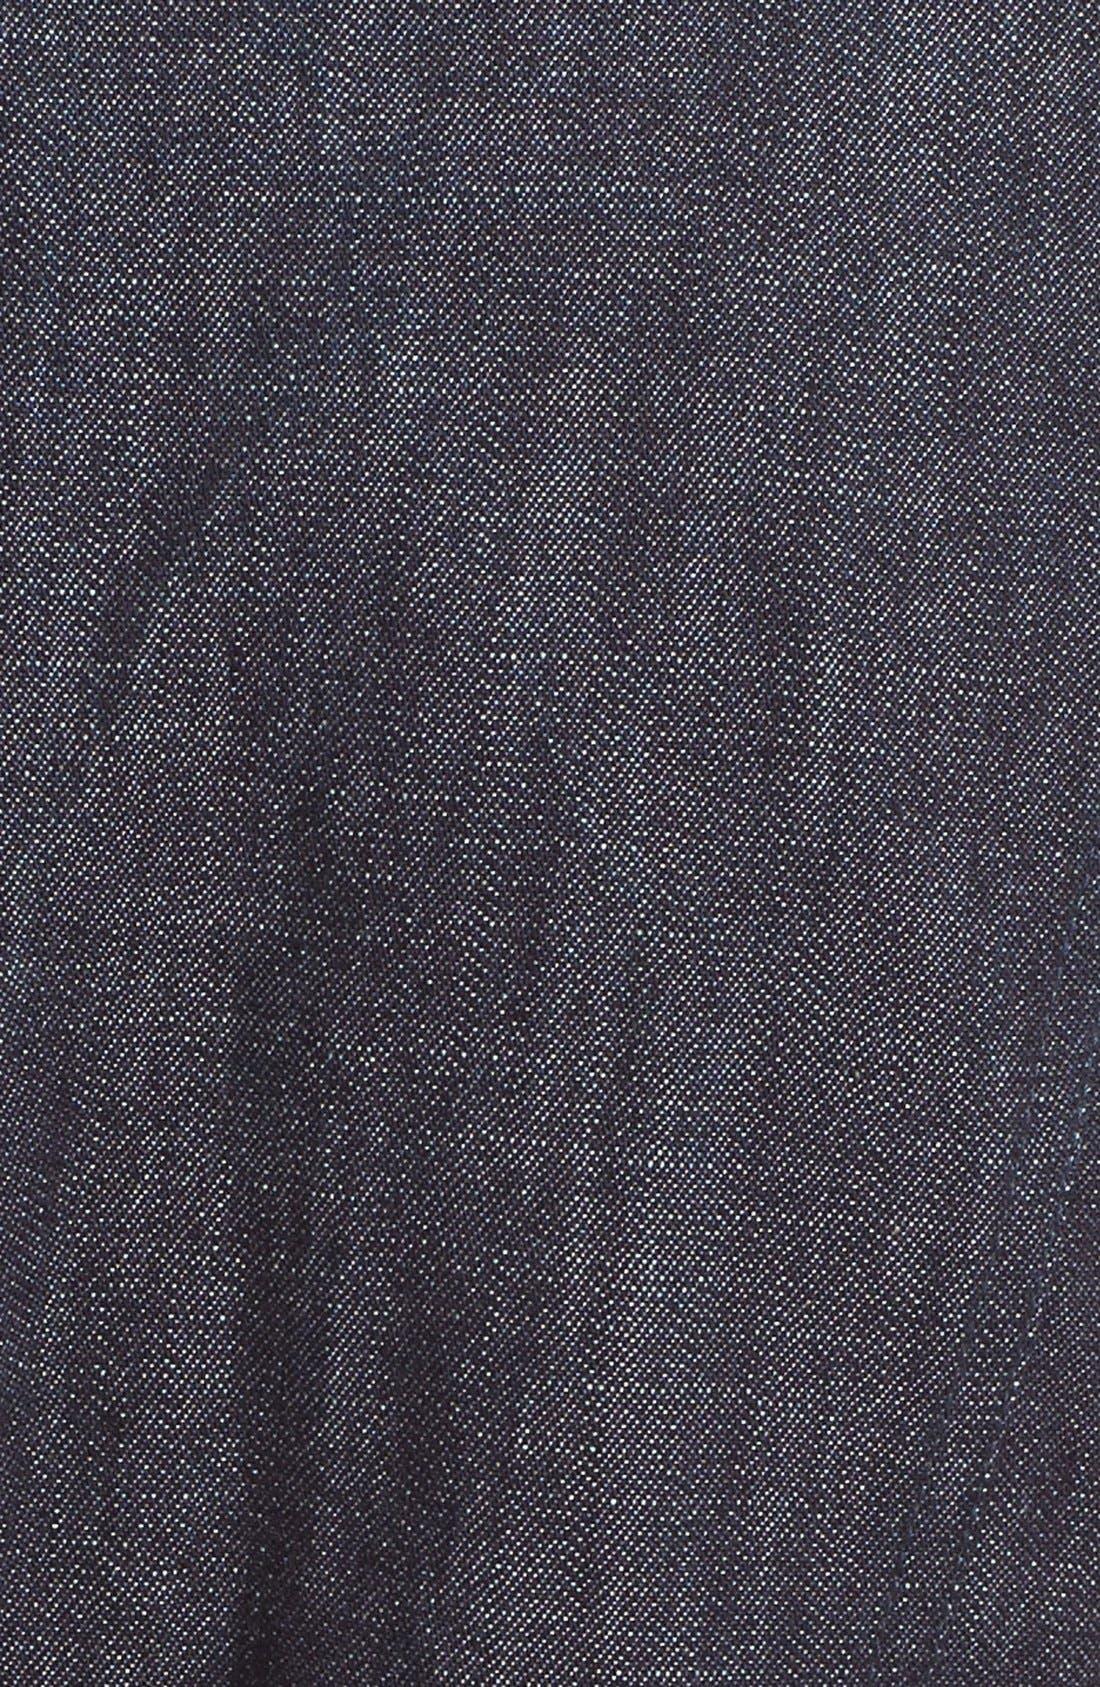 Alternate Image 3  - Tomas Maier Belted Denim Dress